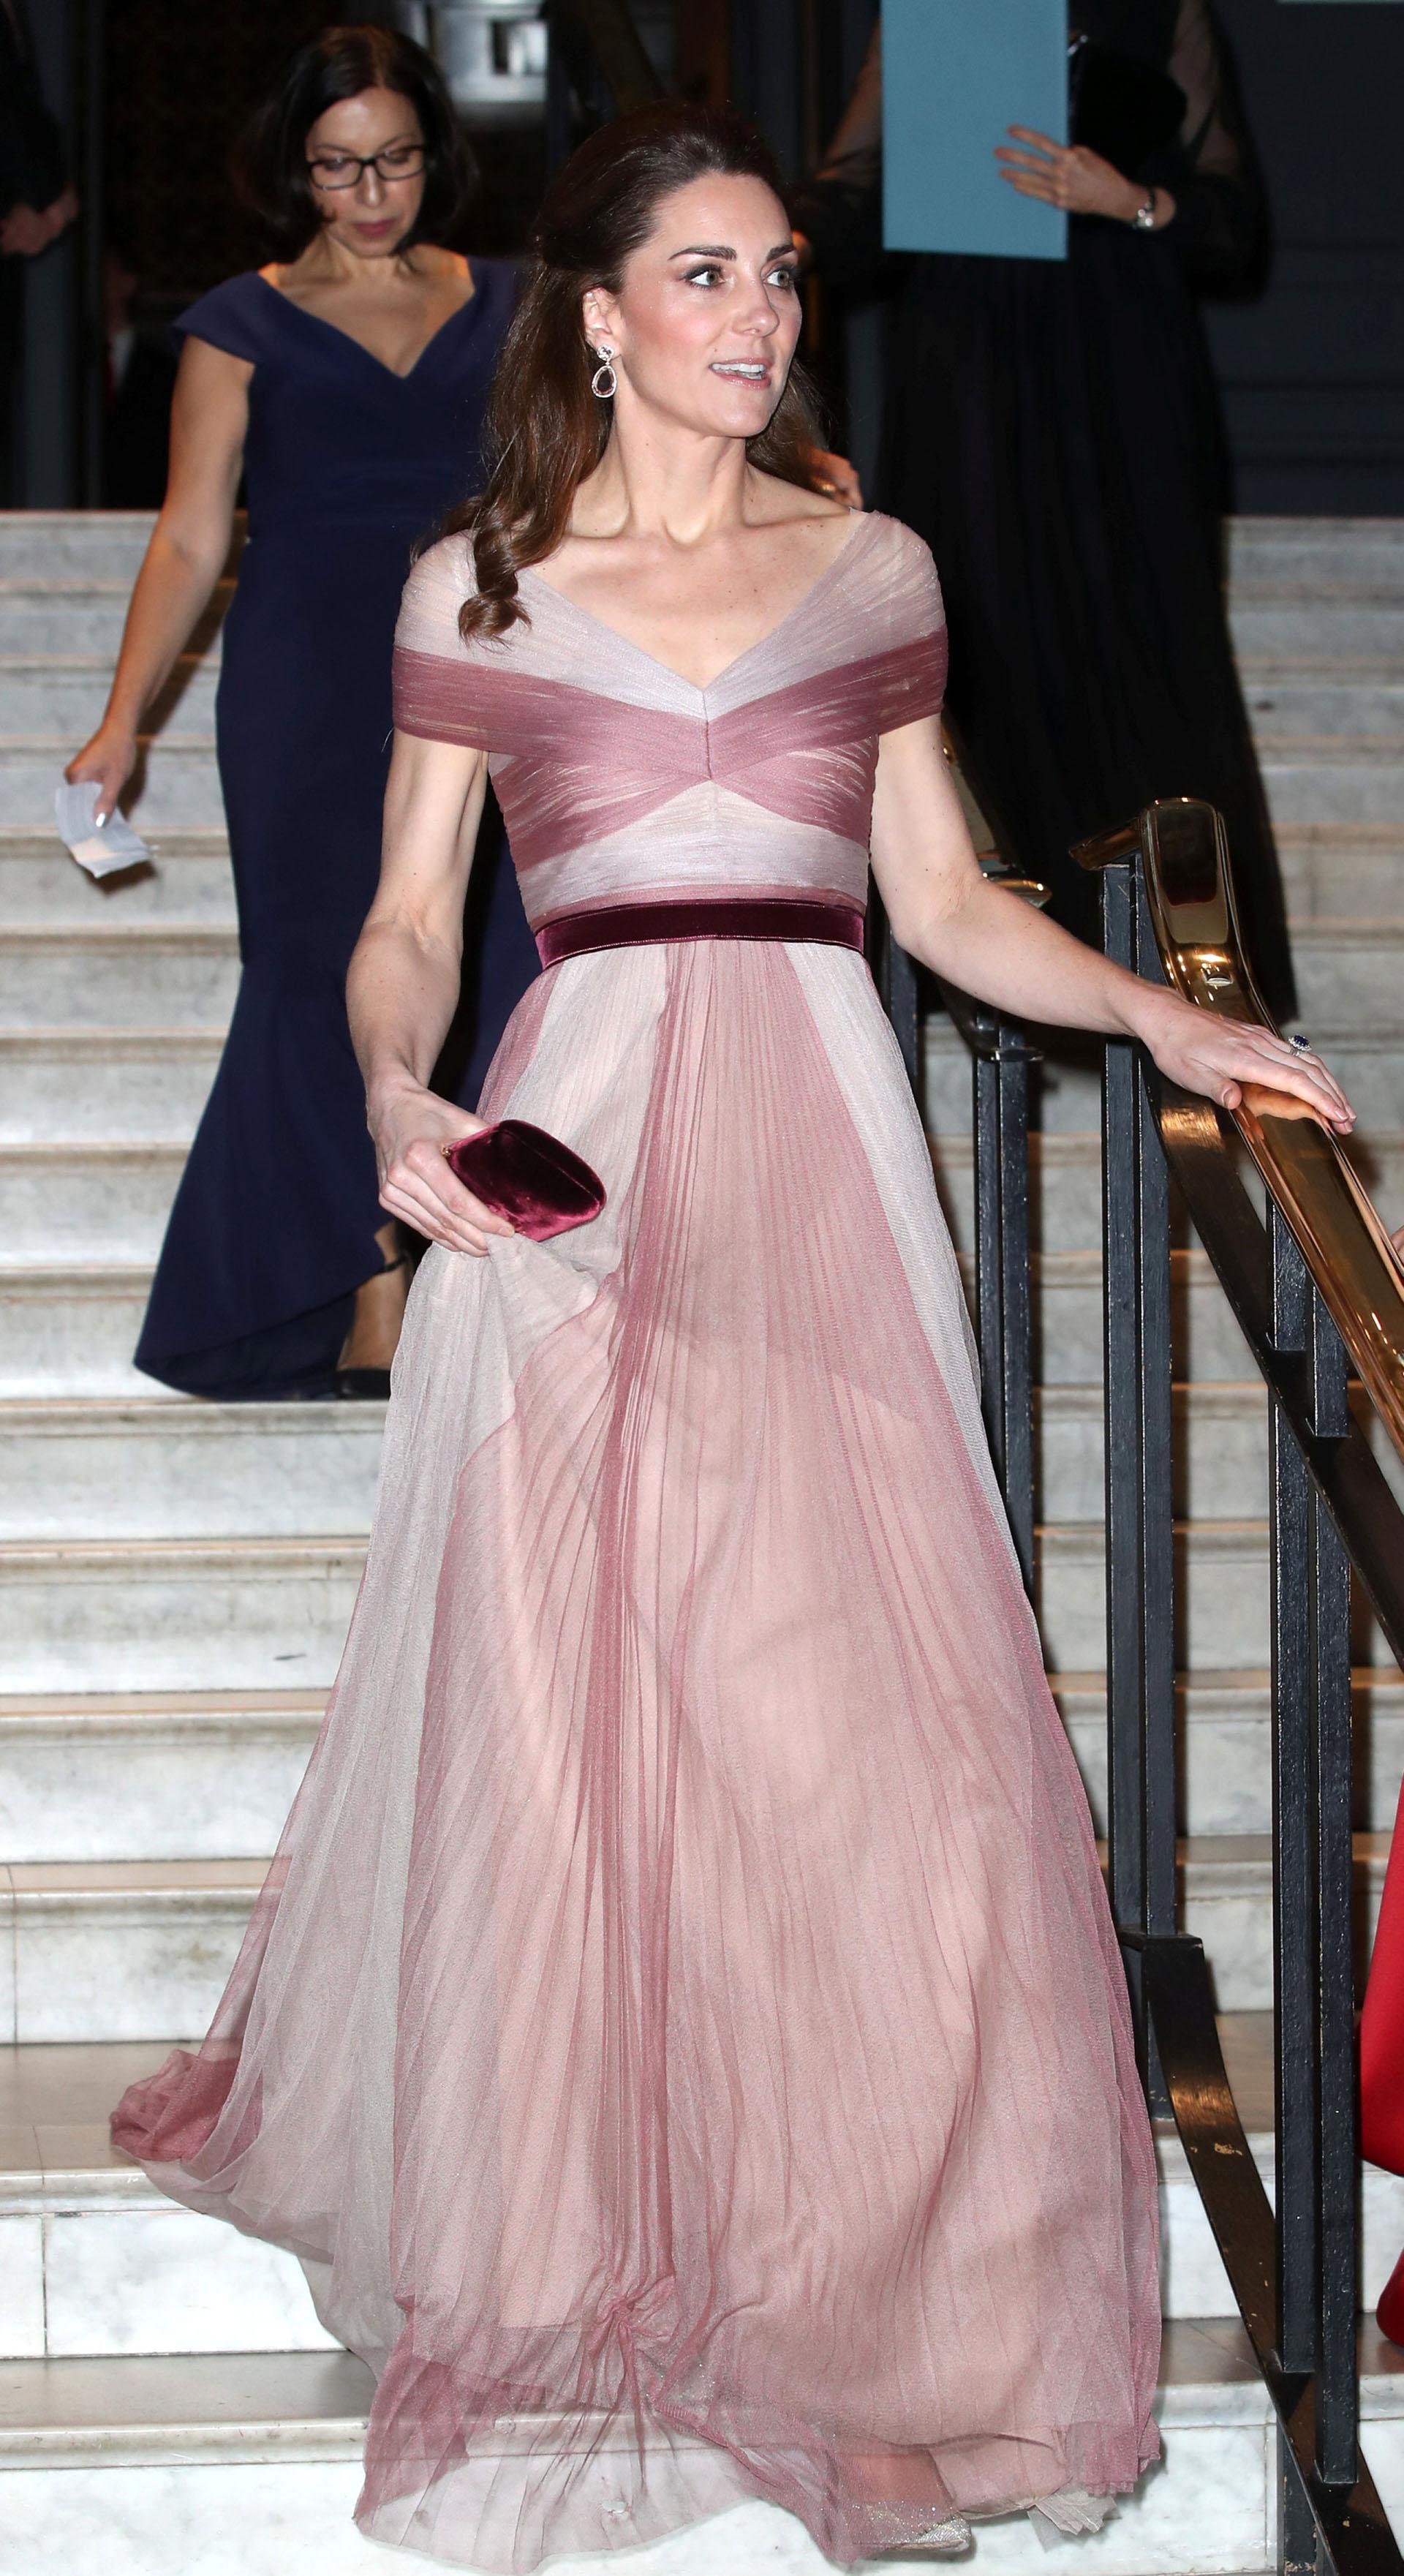 La duquesa combinó su clutch con el cinto, que destacaba su estilizada figura